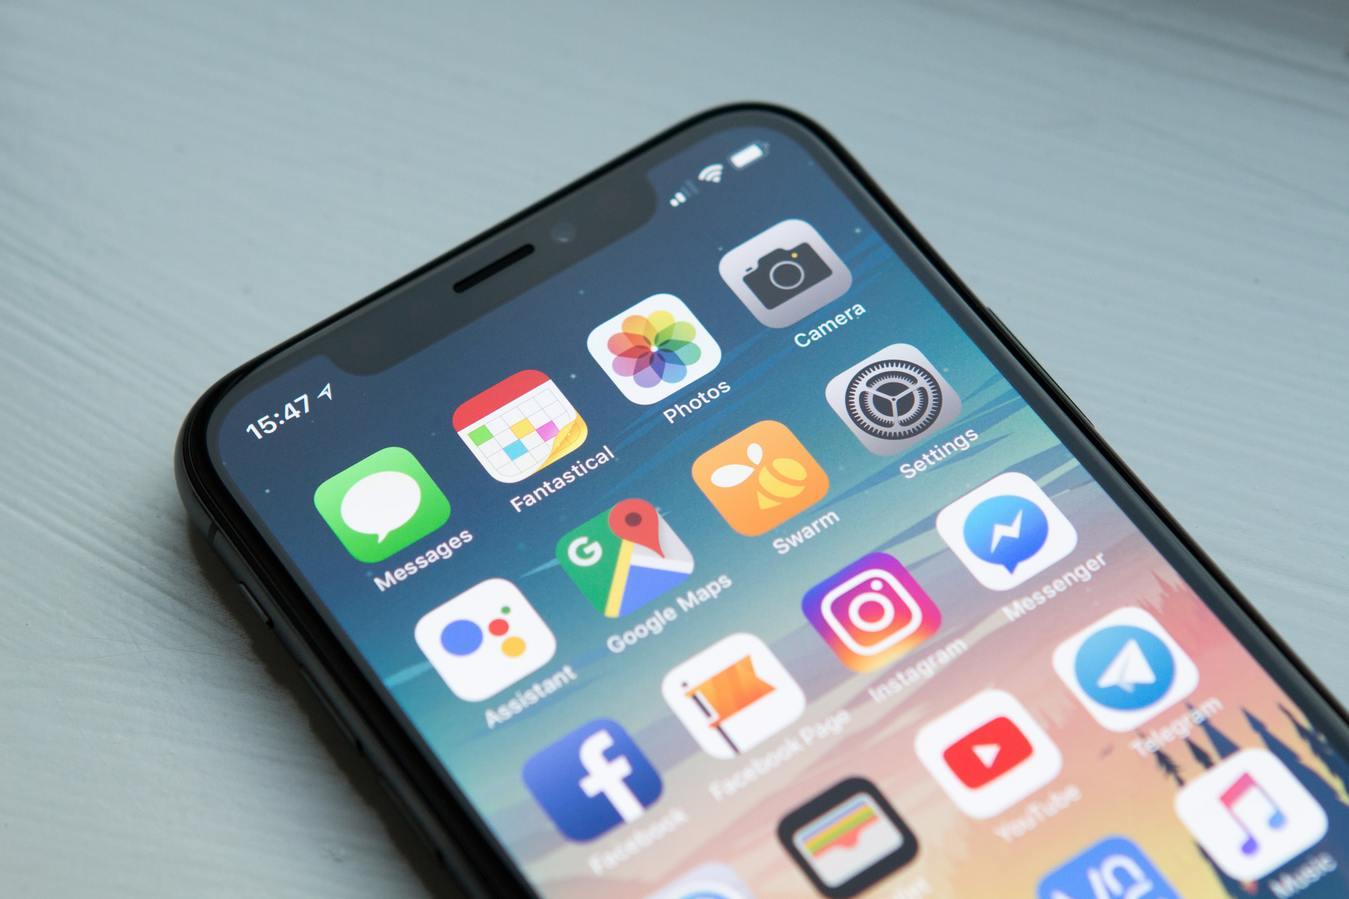 Ekran smartfona z widokiem aplikacji.